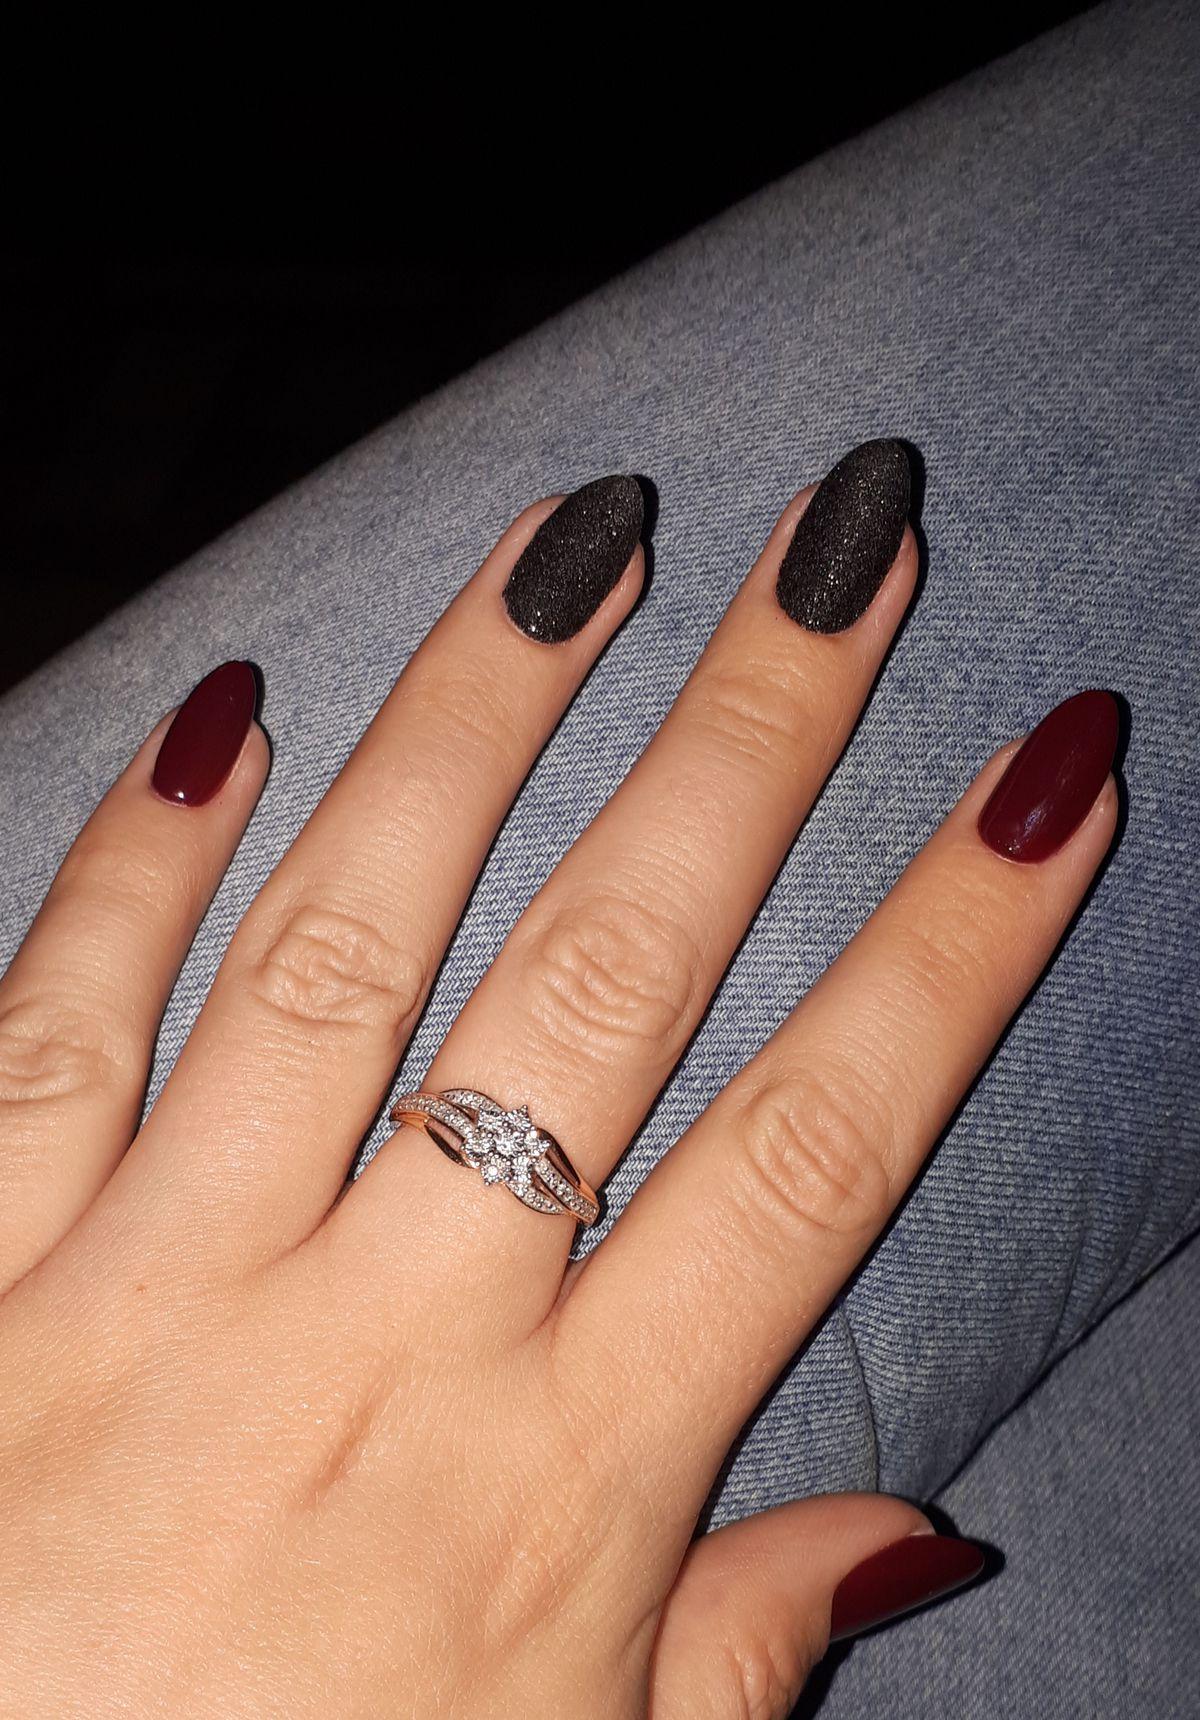 Очень нежное, красивое кольцо.